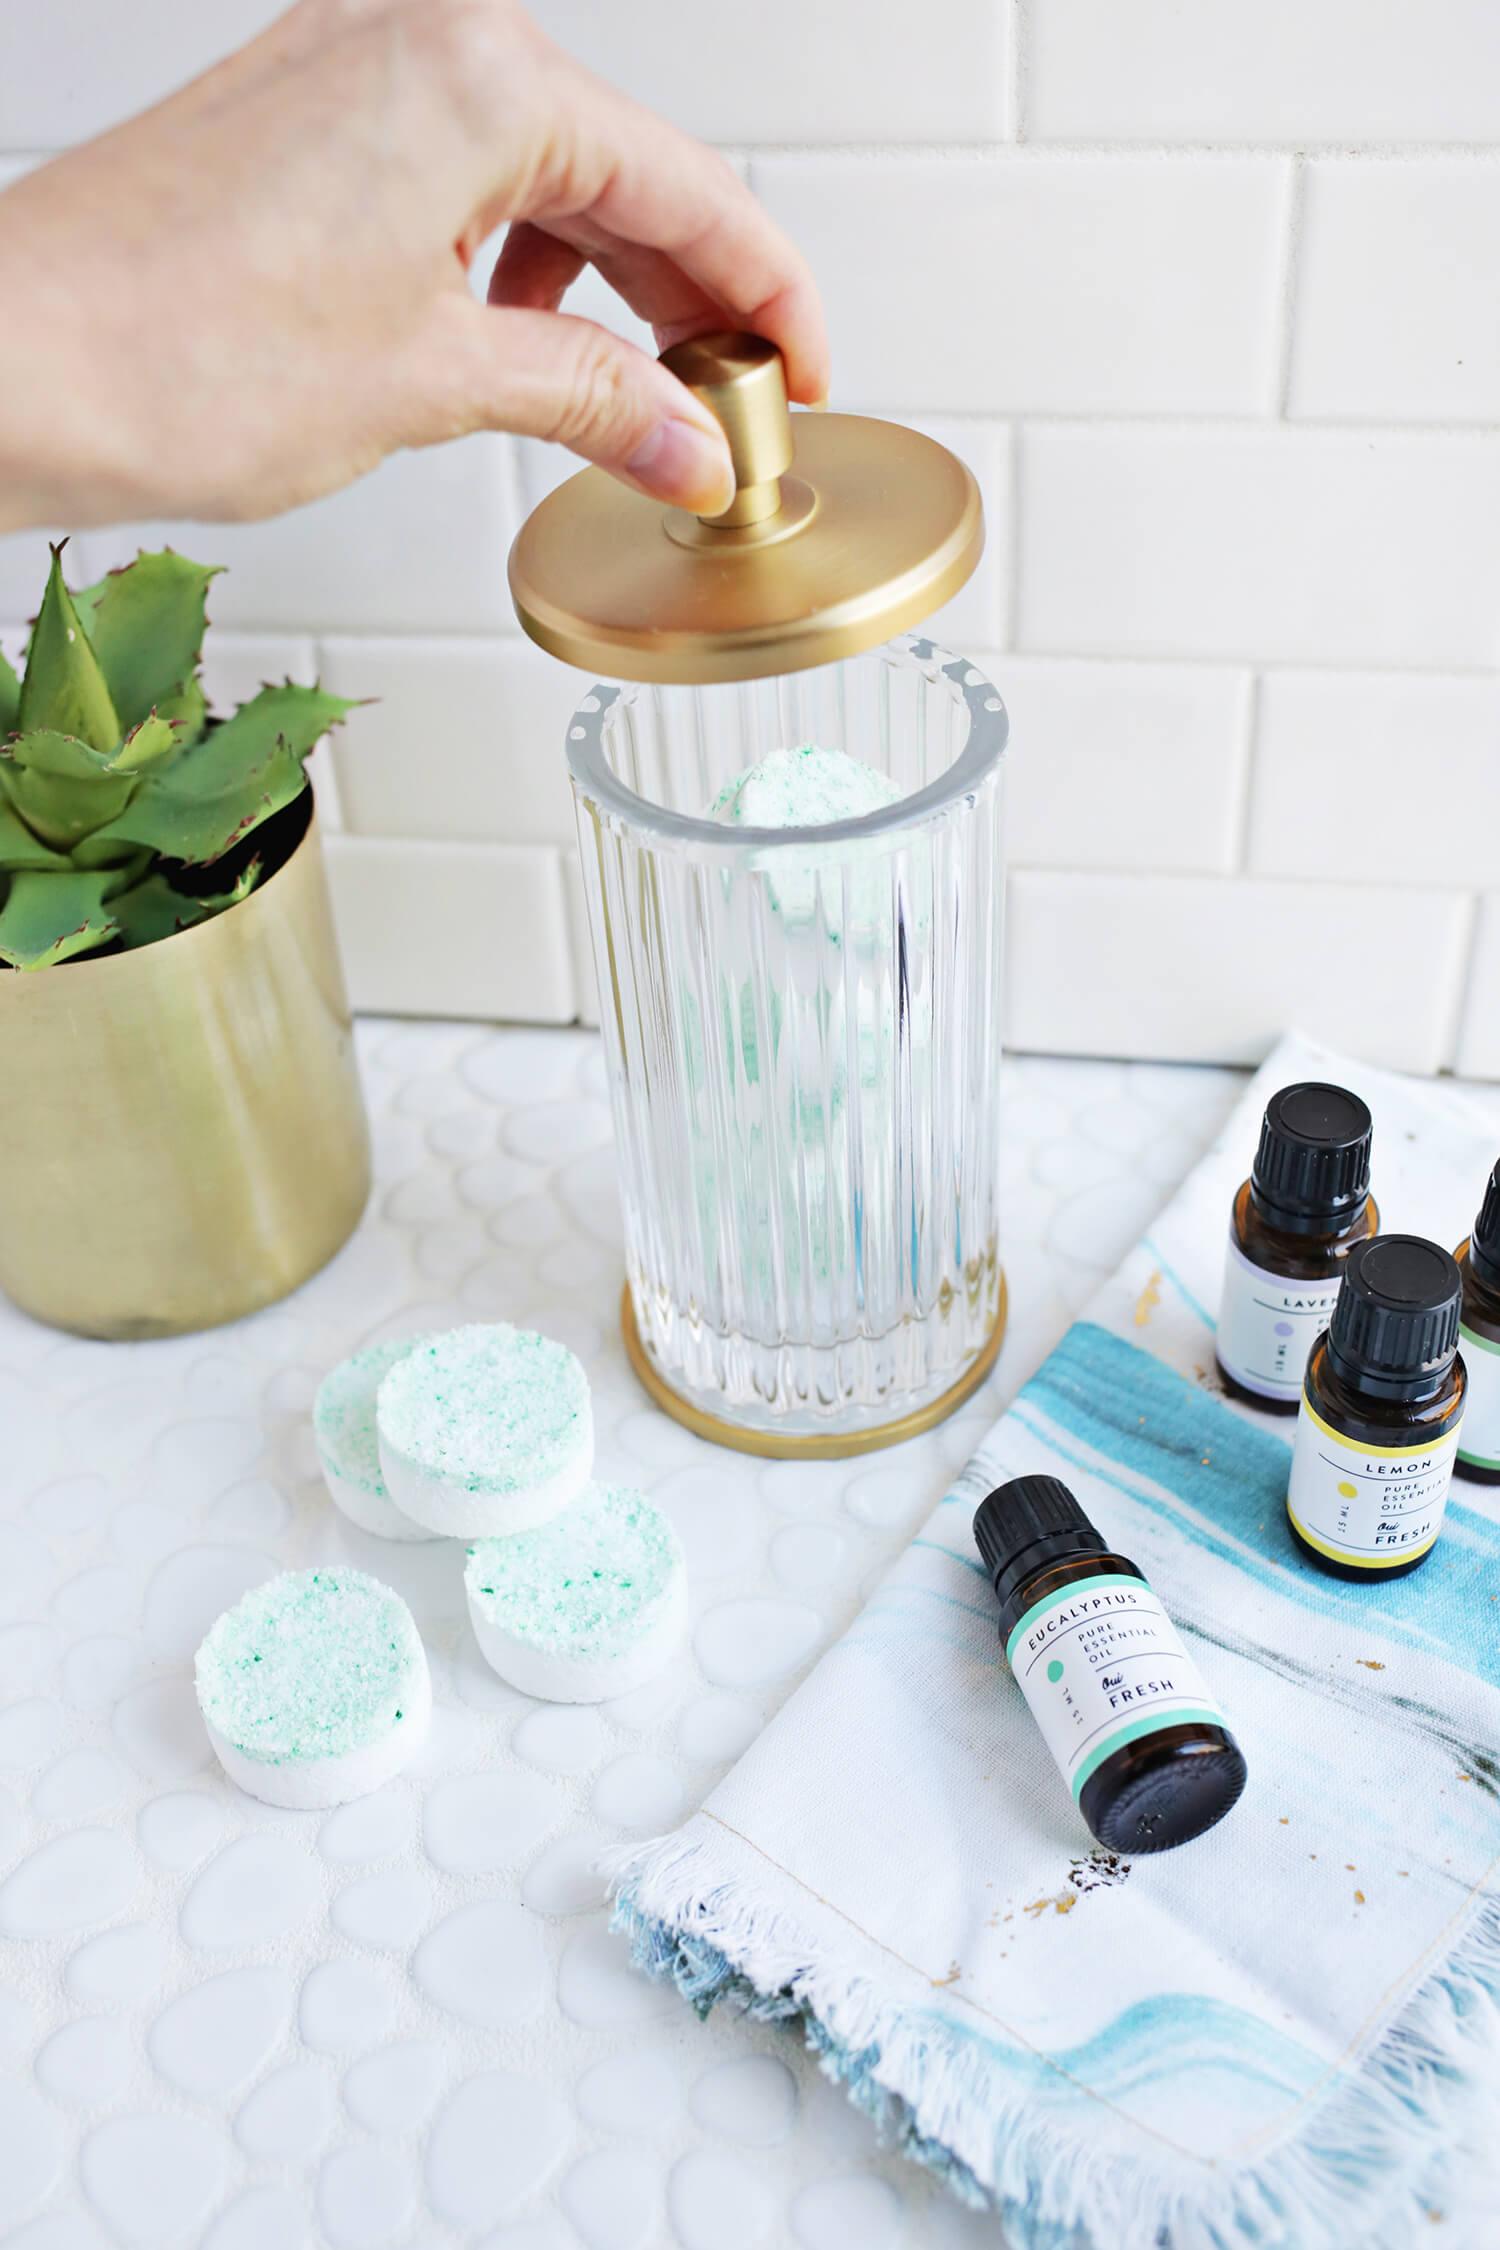 Полезное удовольствие: DIY арома-таблетки для душа против простуды